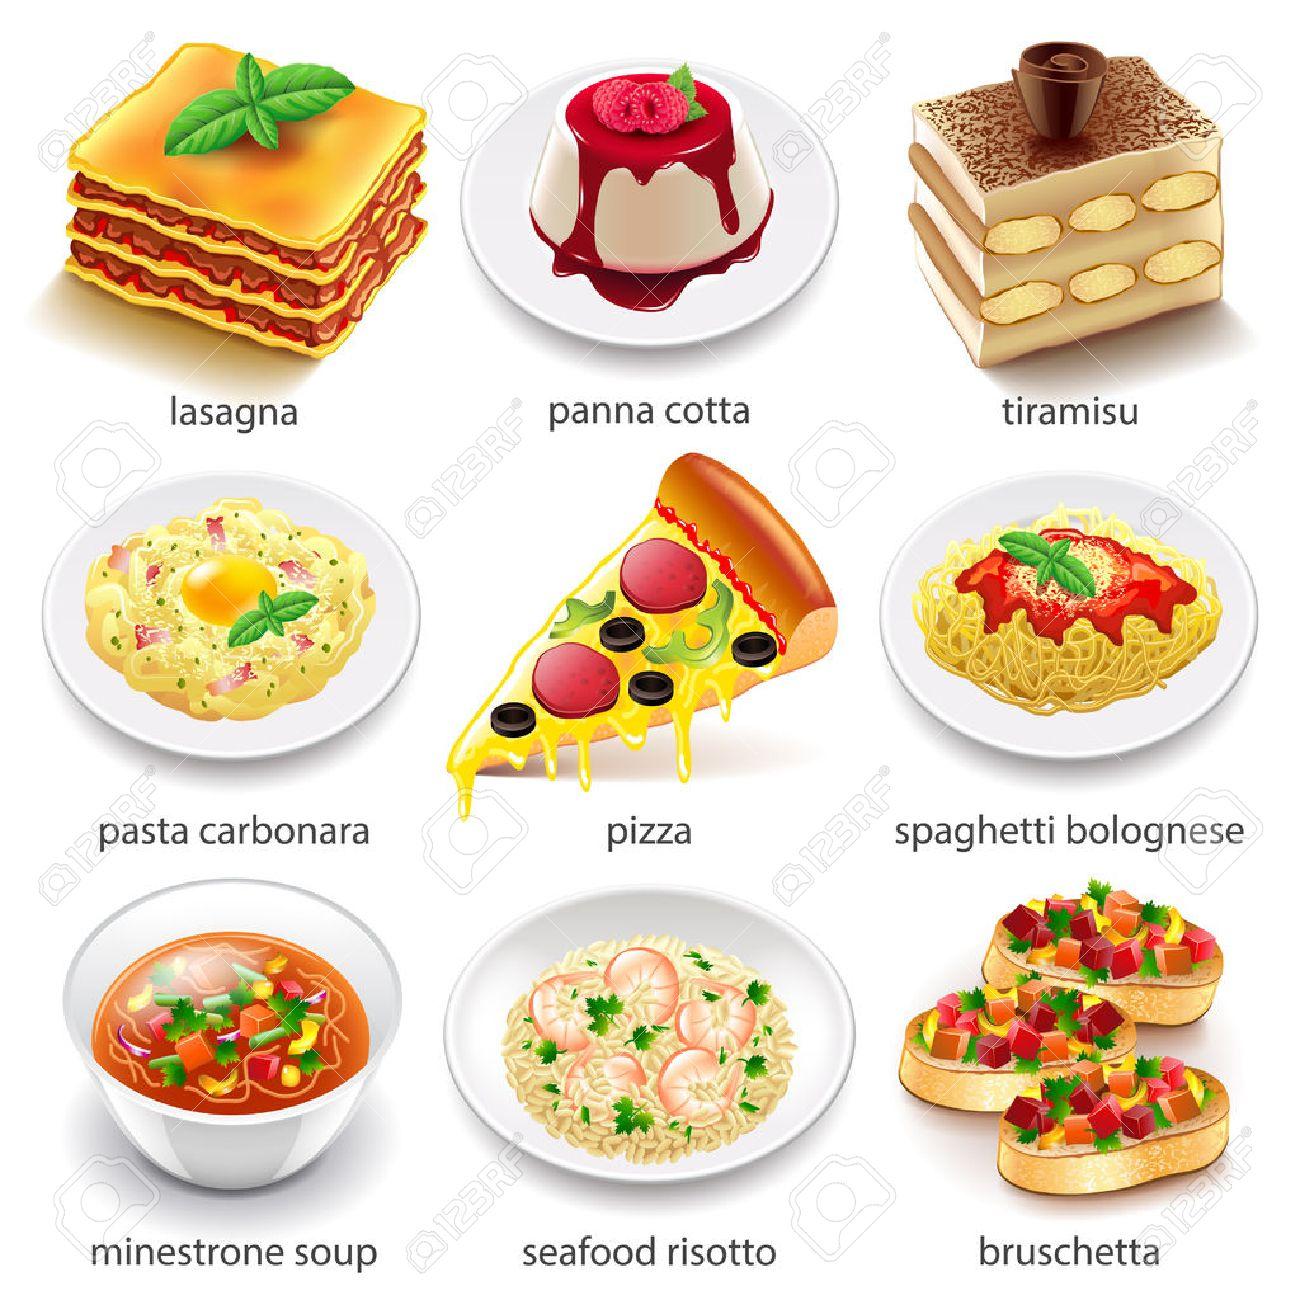 Icones De La Cuisine Italienne Photo Detaillee Vecteur Realiste